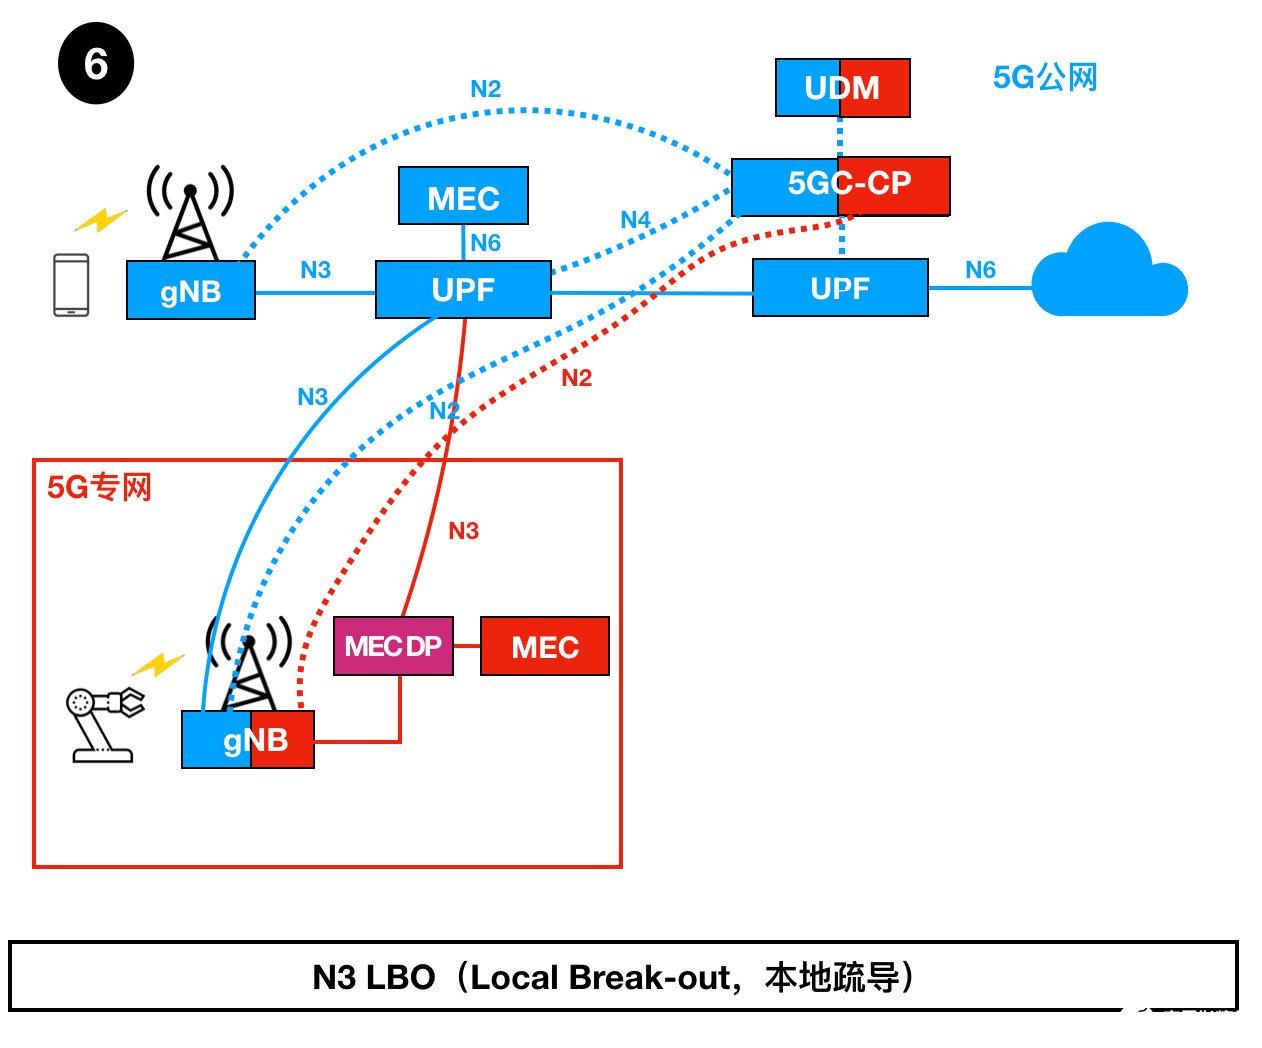 如何部署5G专网